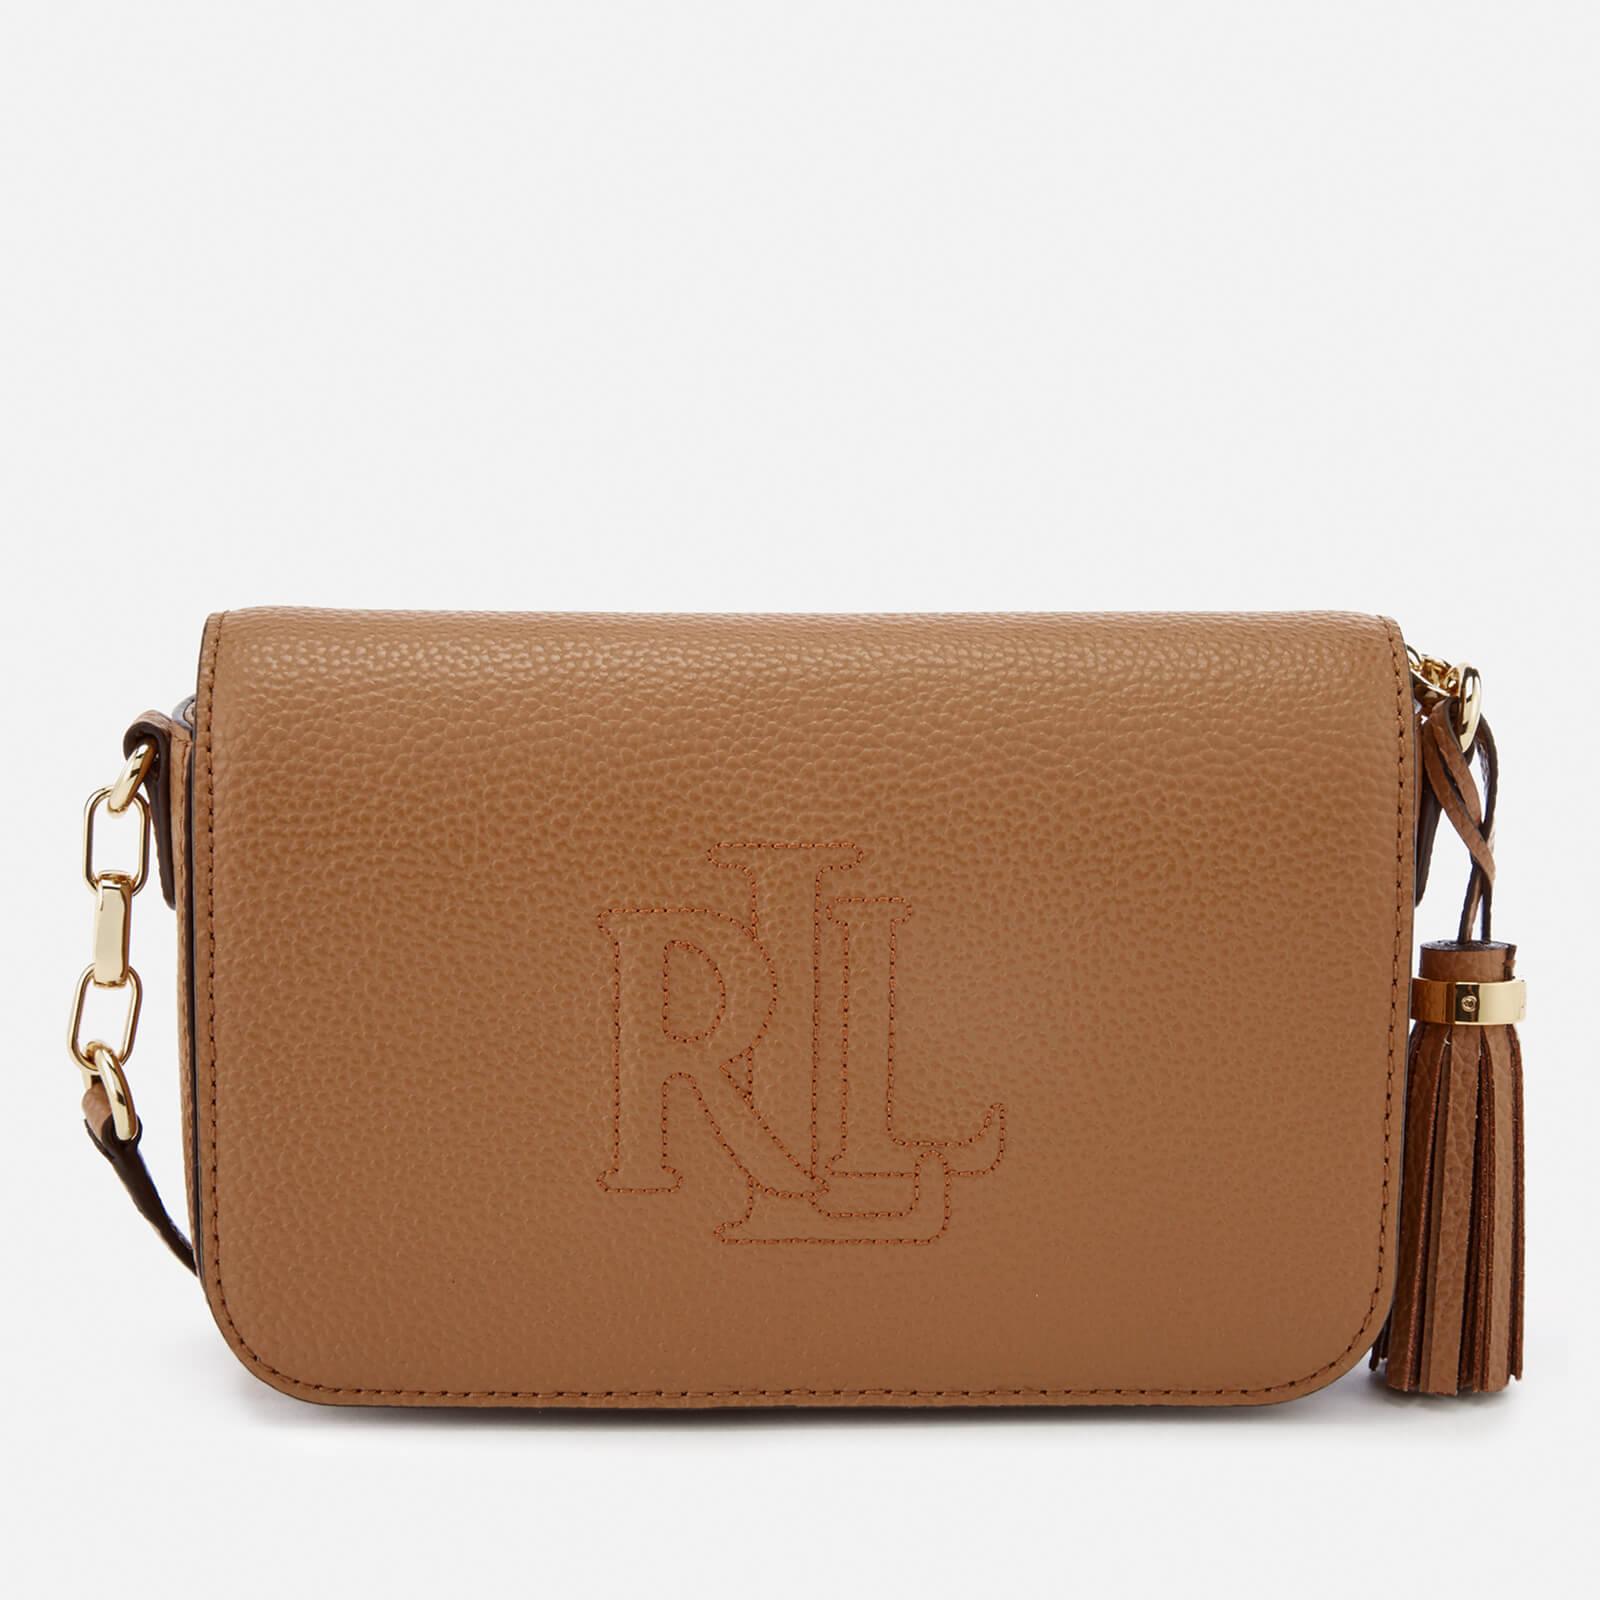 latest discount exclusive range best sell Lauren Ralph Lauren Women's Anstey Carmen Cross Body Bag - Caramel